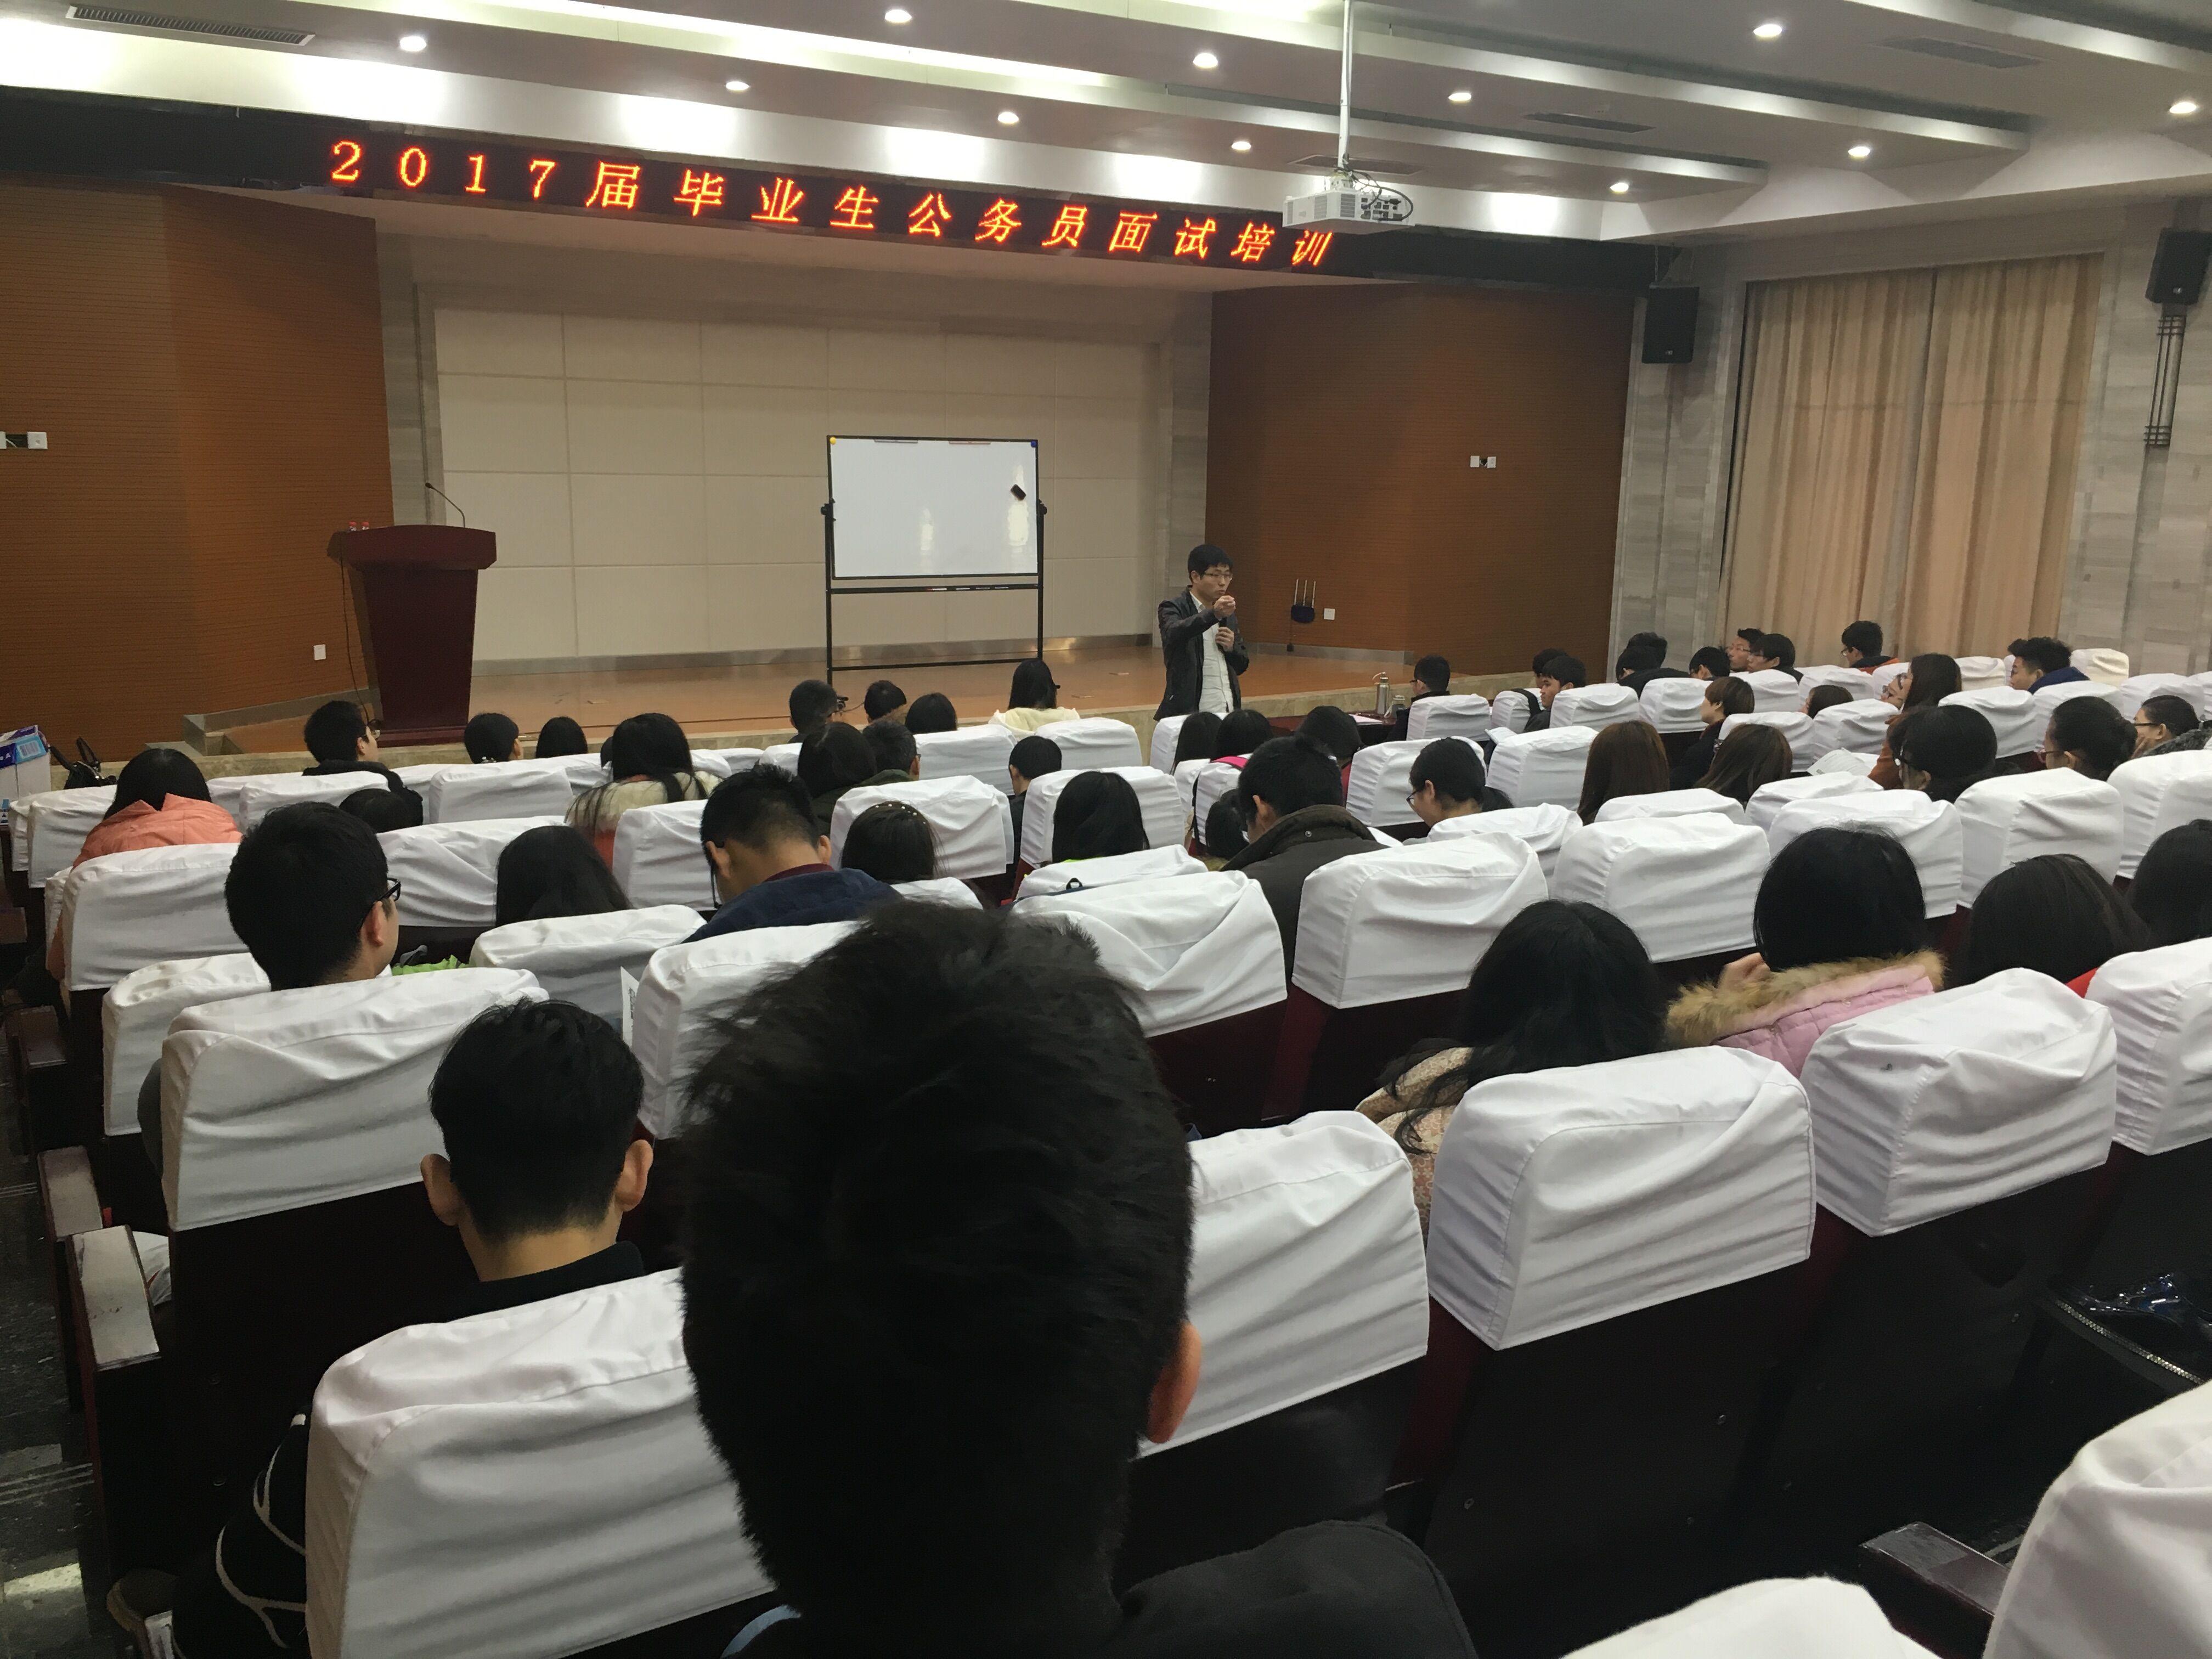 2017年省考笔试·华农站